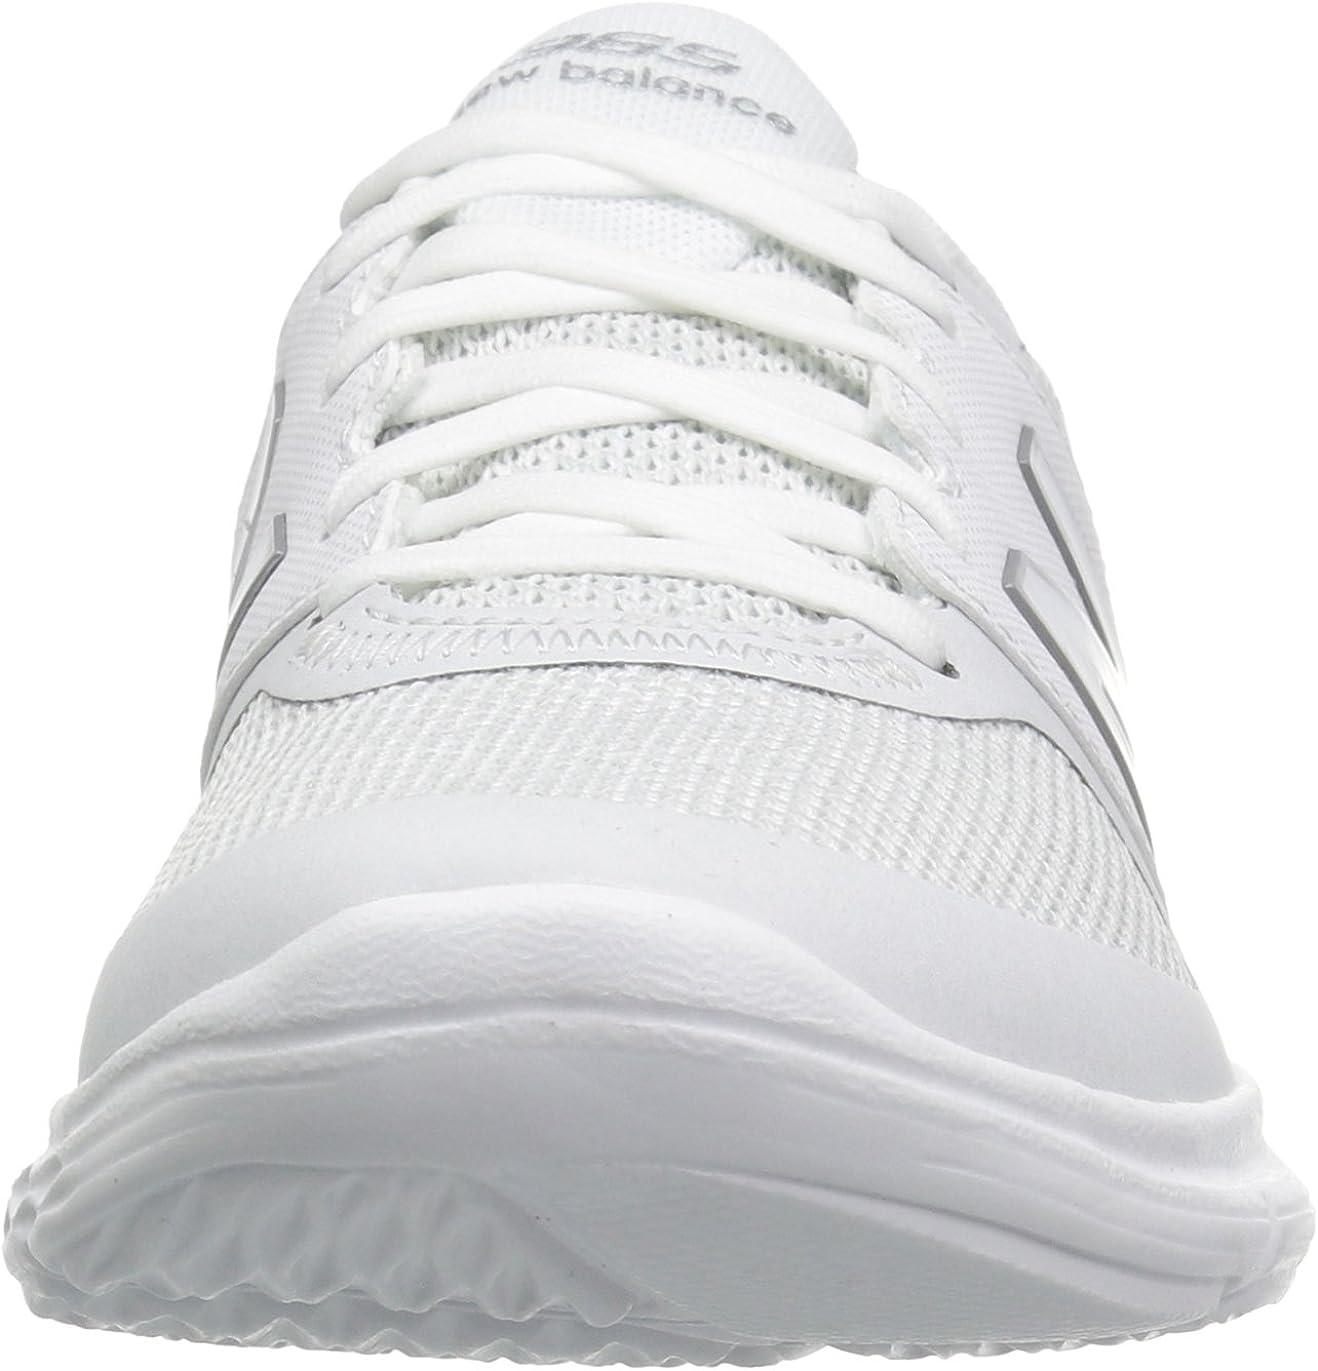 WA365v1 CUSH + Walking Shoe